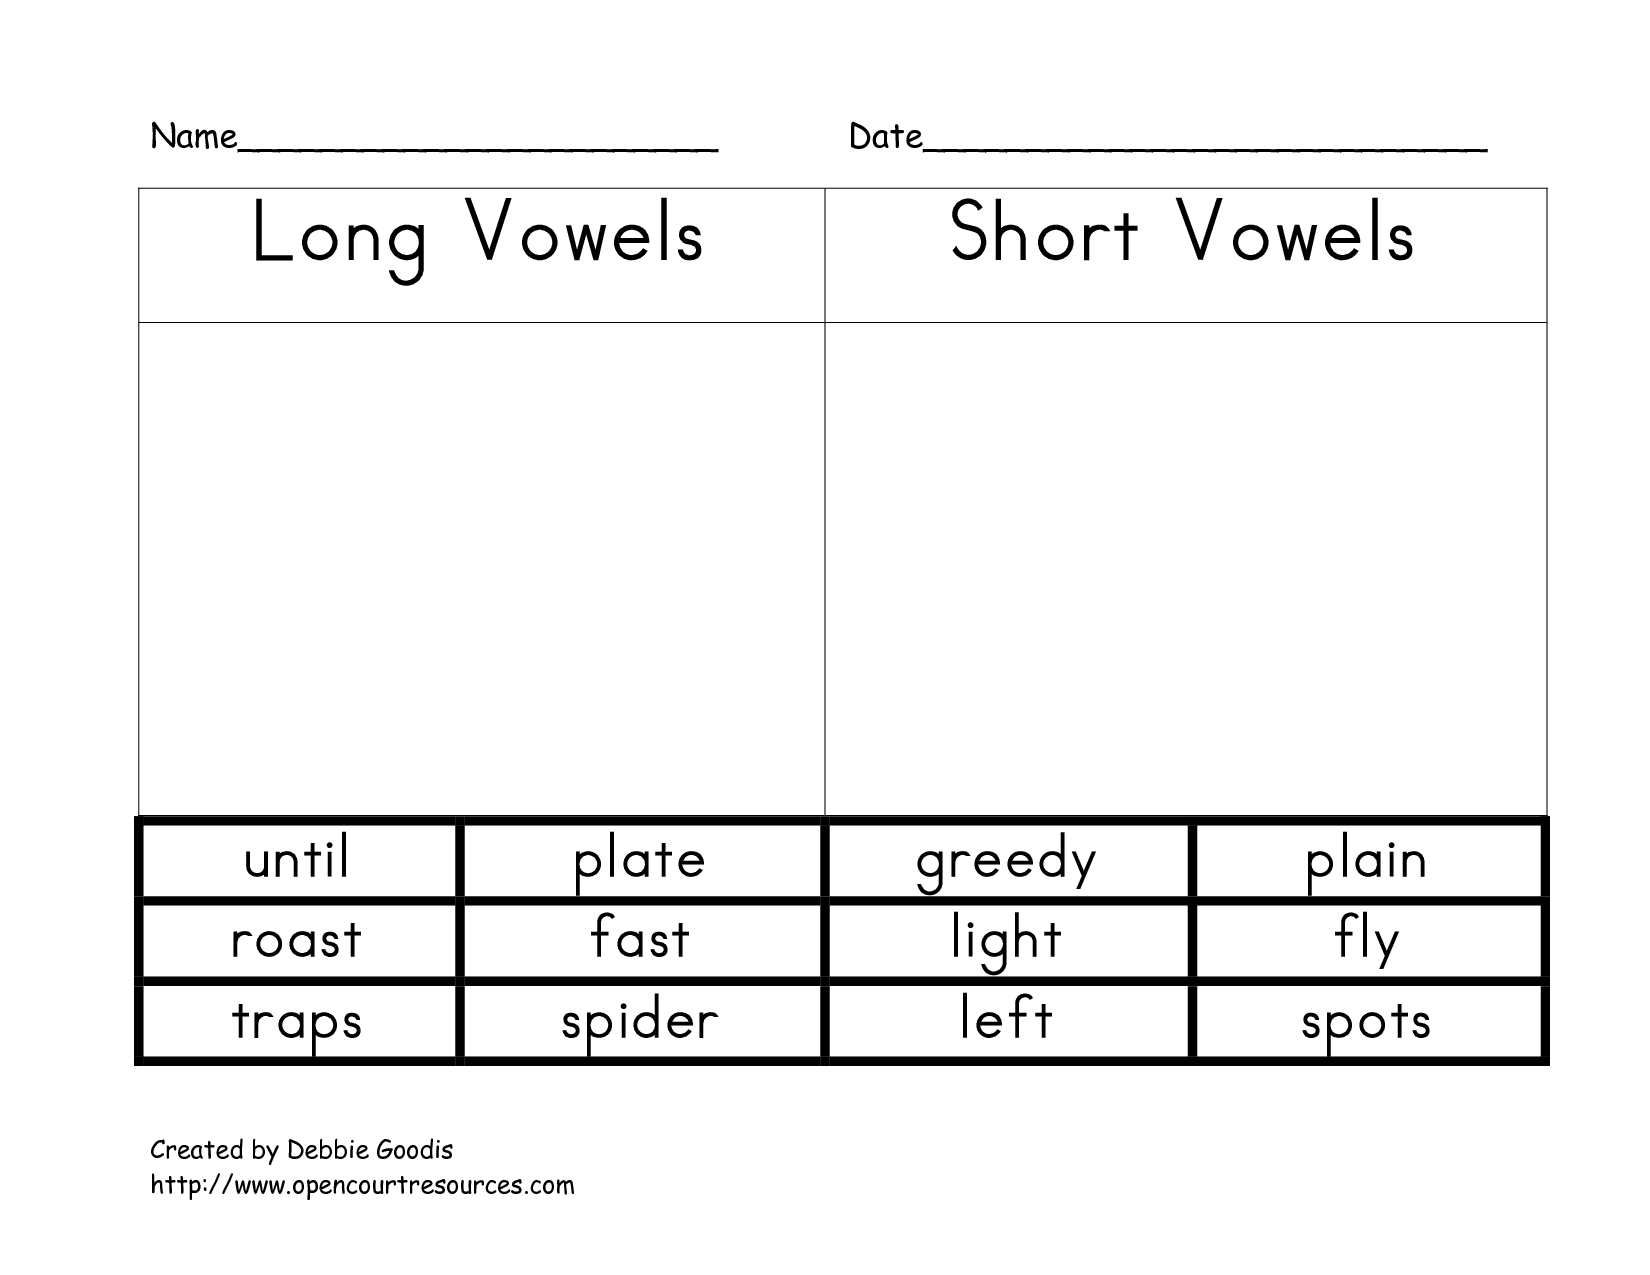 Short Vowel Worksheet For Adults